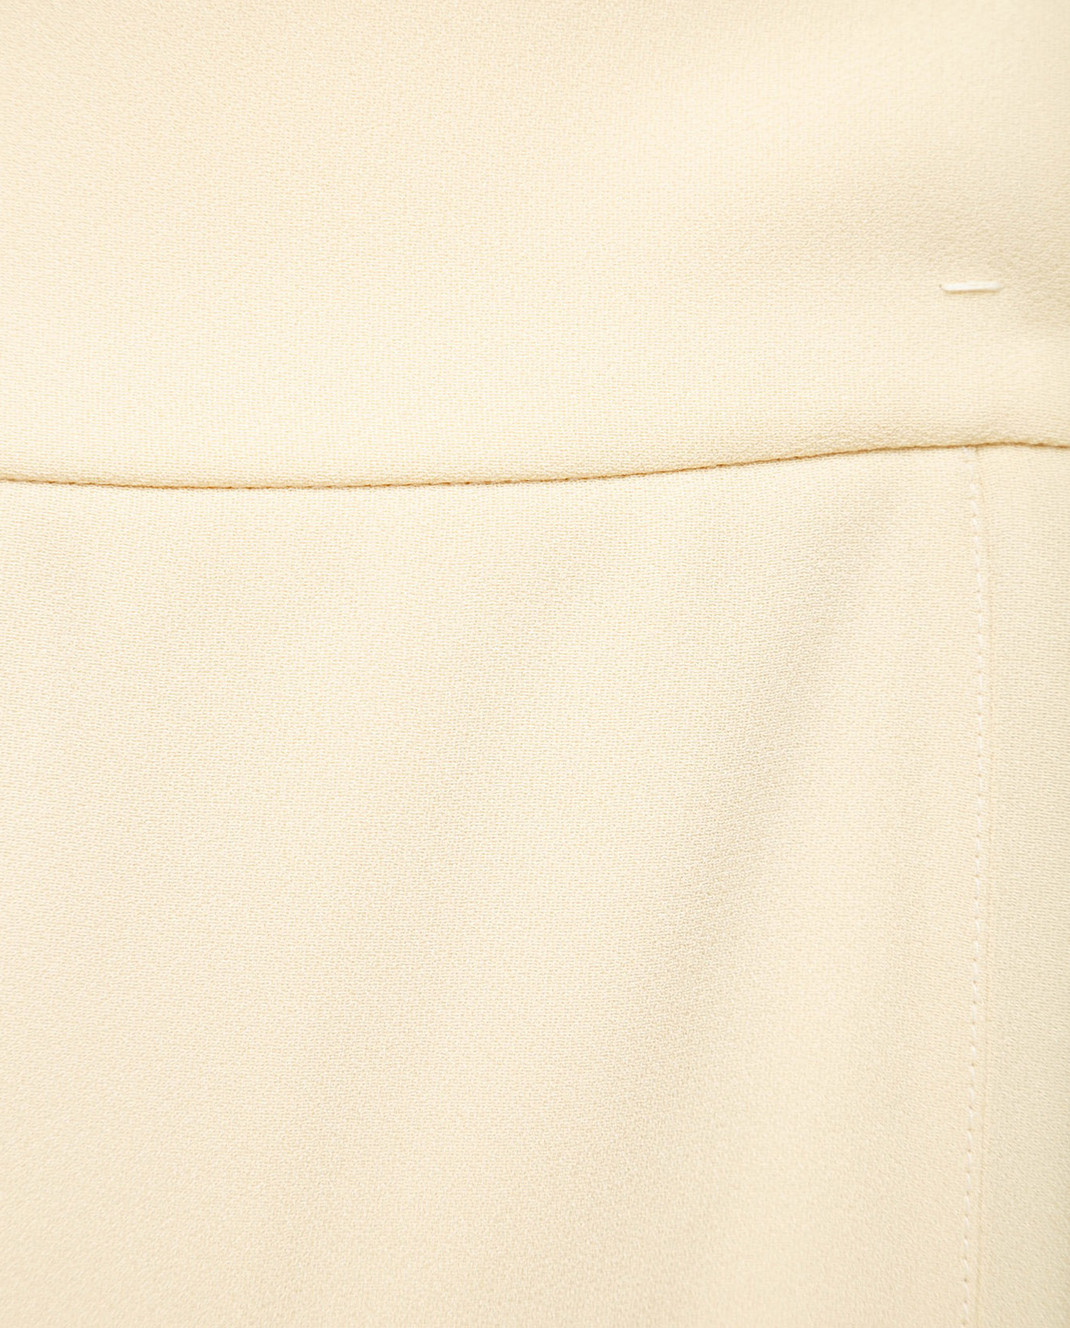 Prada Желтая юбка на запах изображение 5